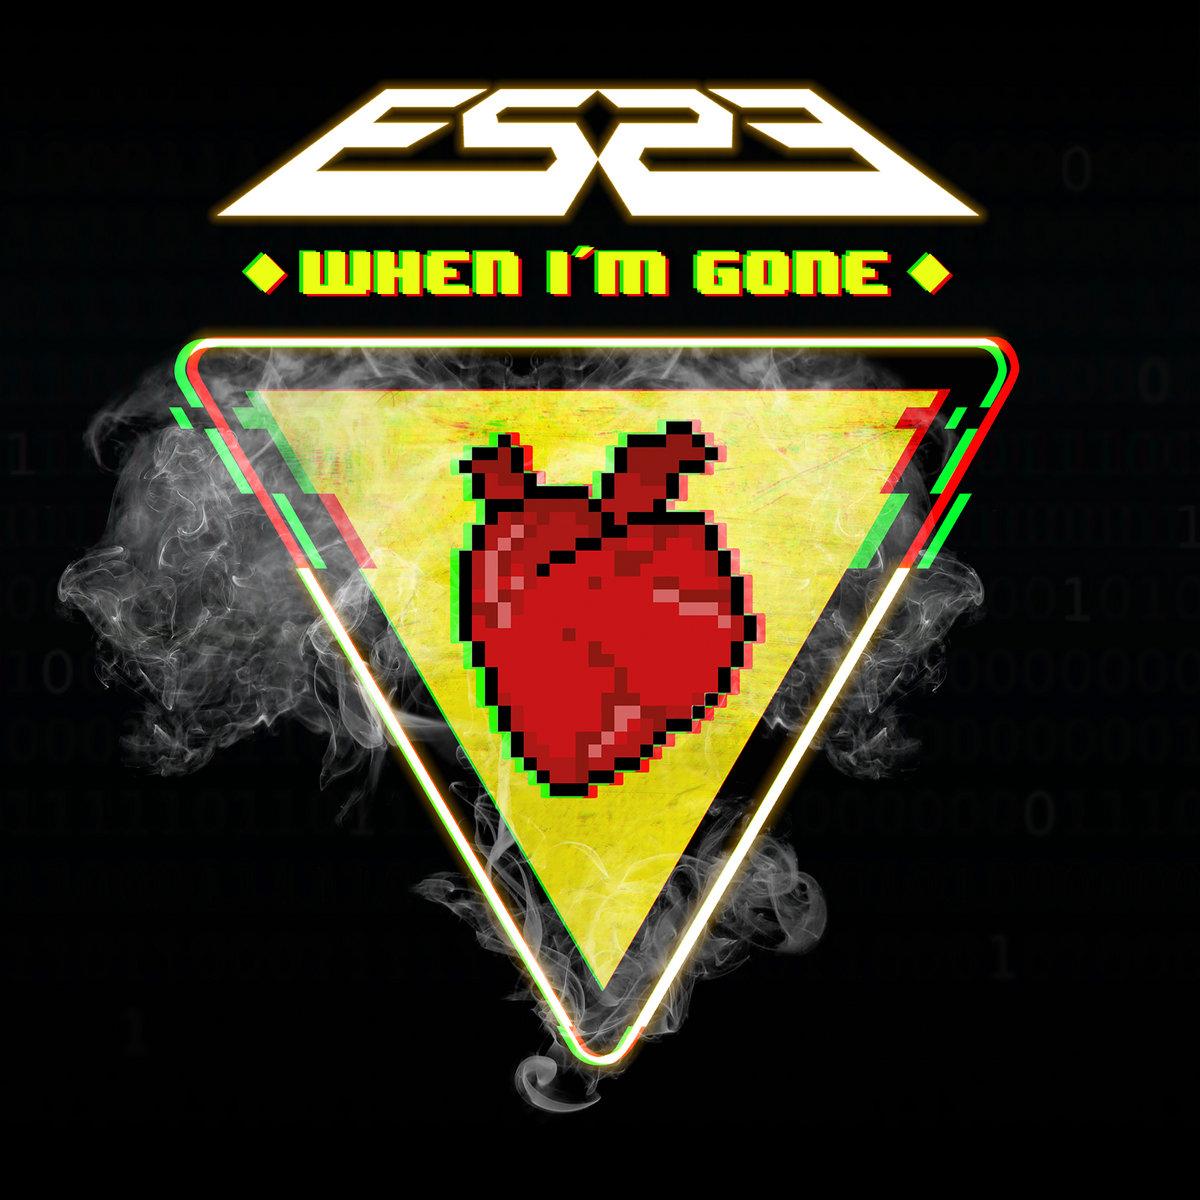 ES23 - When I'm Gone - ES23 - When I'm Gone